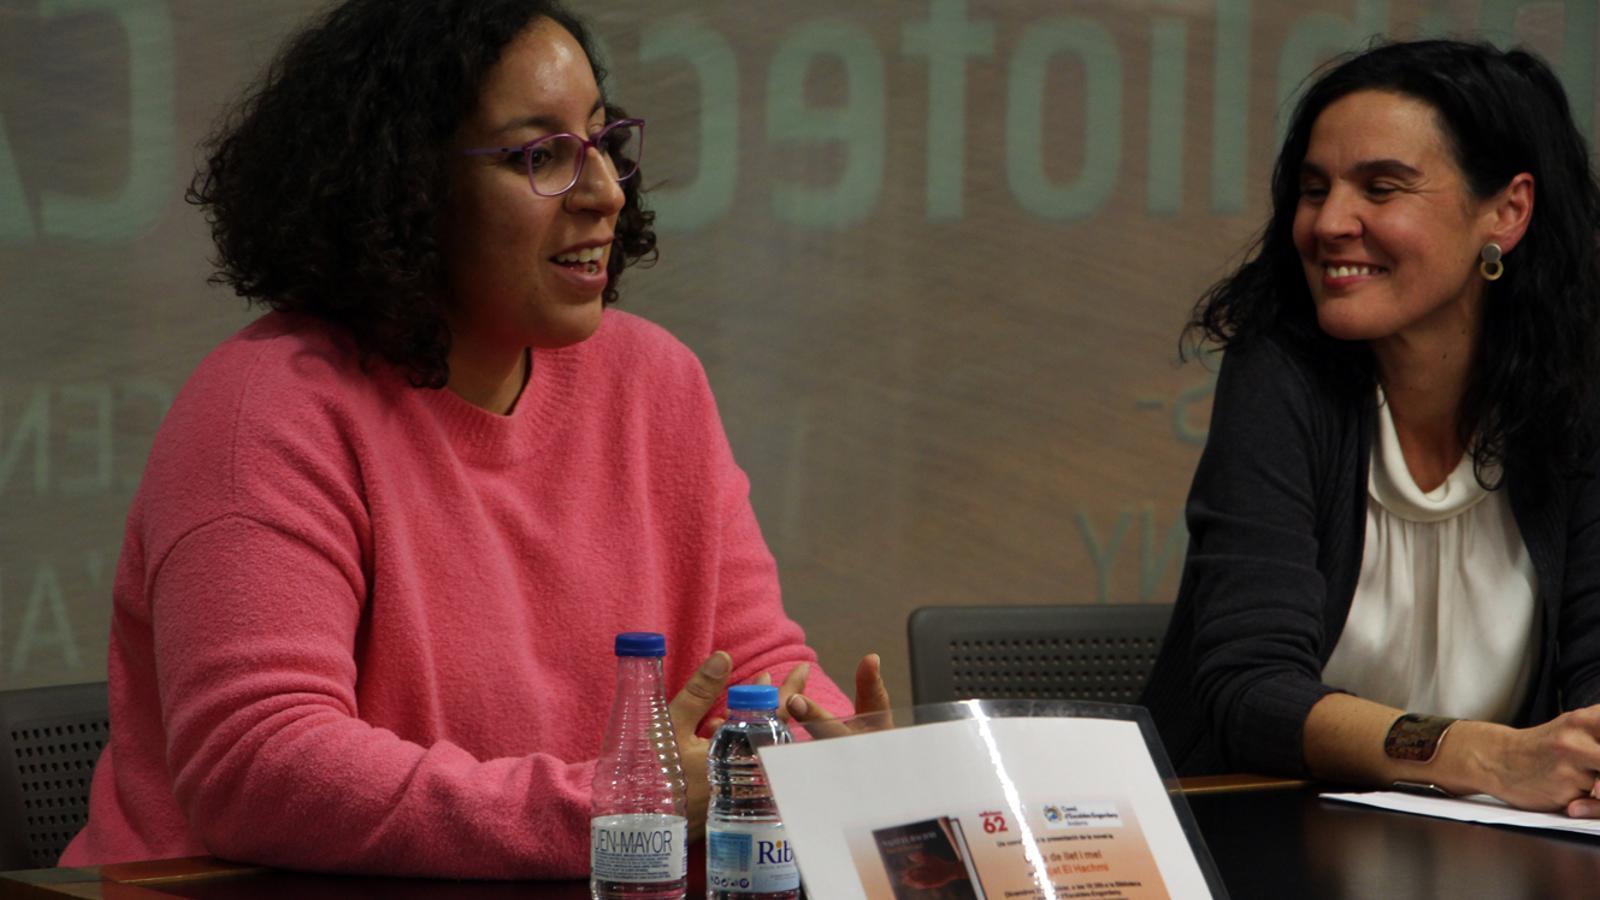 L'escriptora Najat el Hachmi presenta 'Mare de llet i mel' a la biblioteca comunal d'Escaldes-Engordany. / T. N. (ANA)